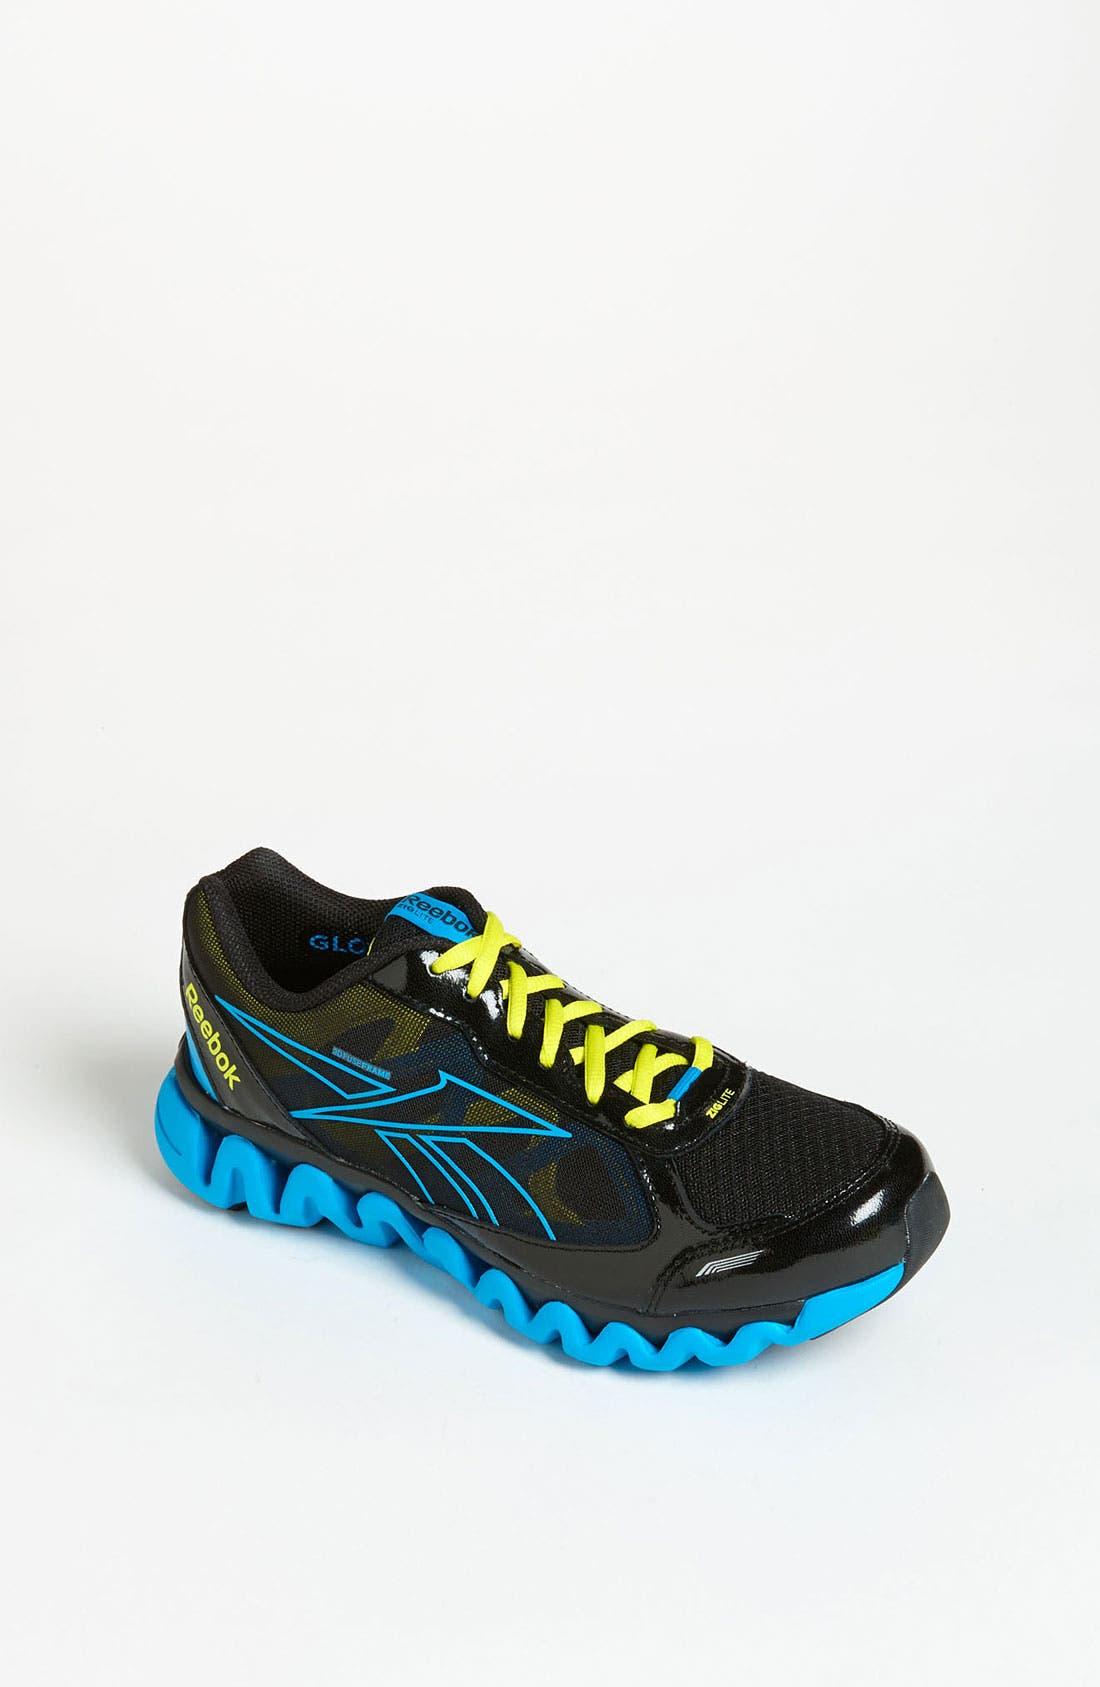 Alternate Image 1 Selected - Reebok 'ZigLite Rush' Sneaker (Big Kid)